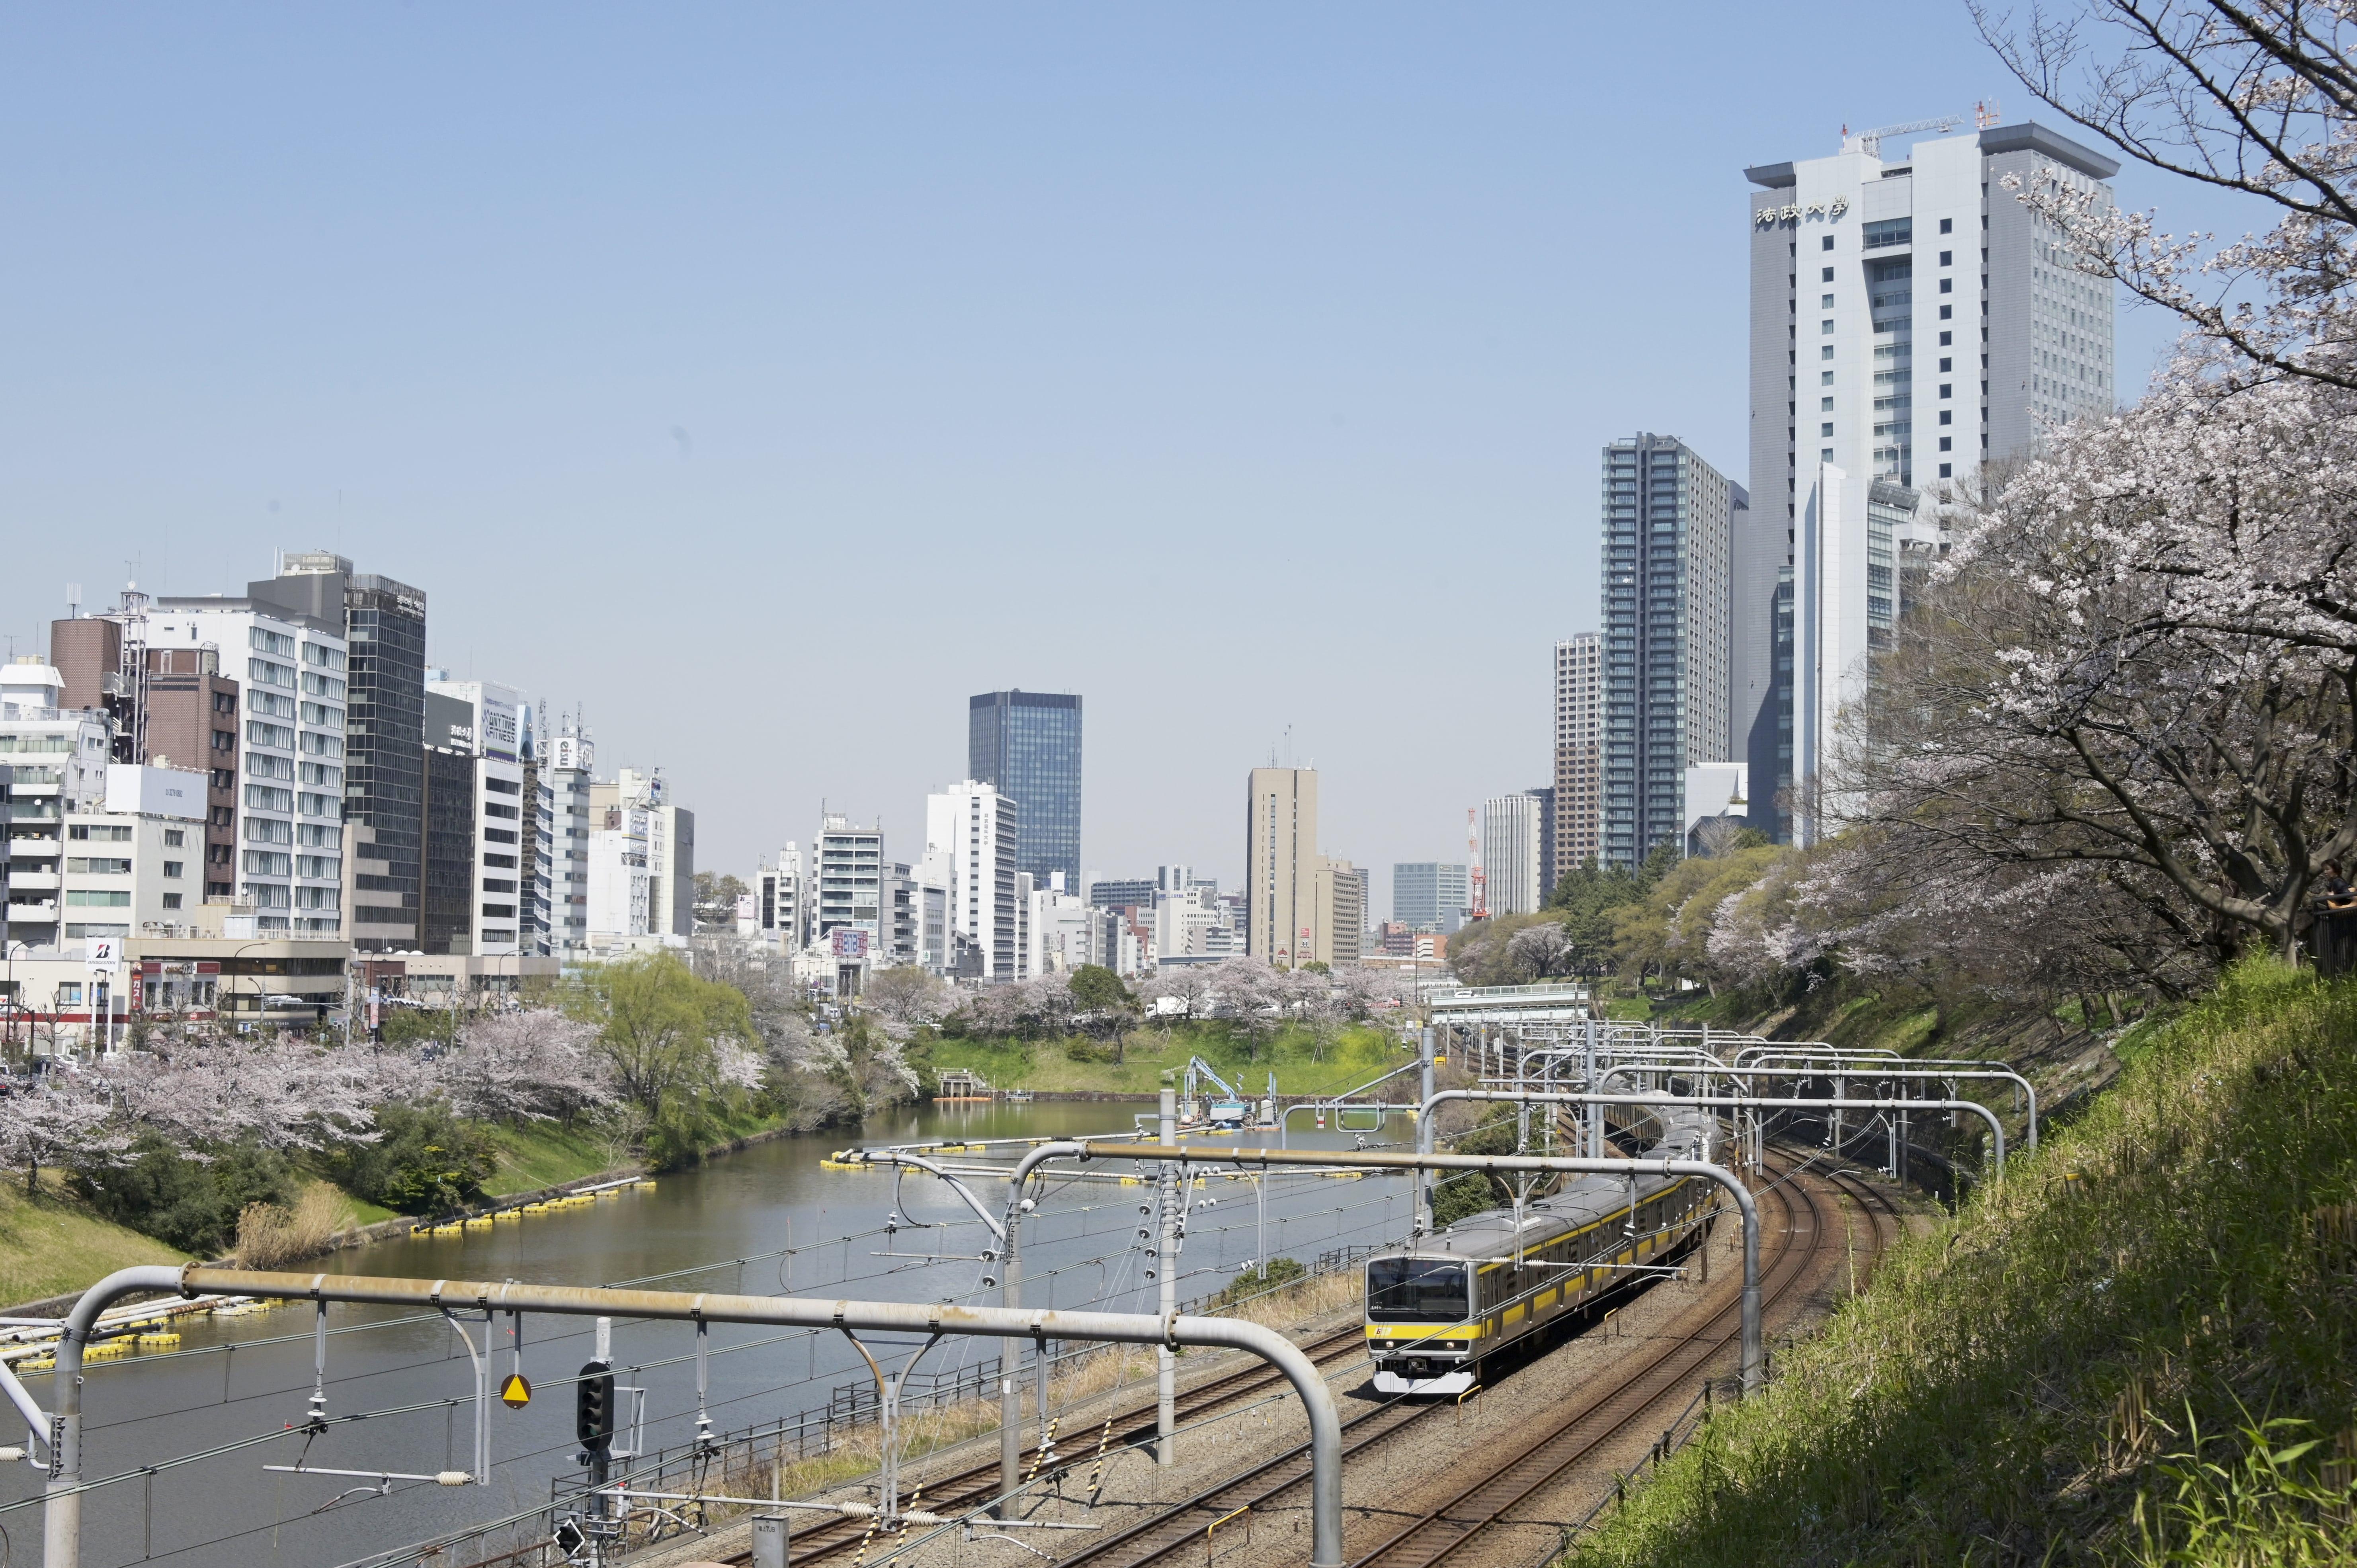 Ichigaya view